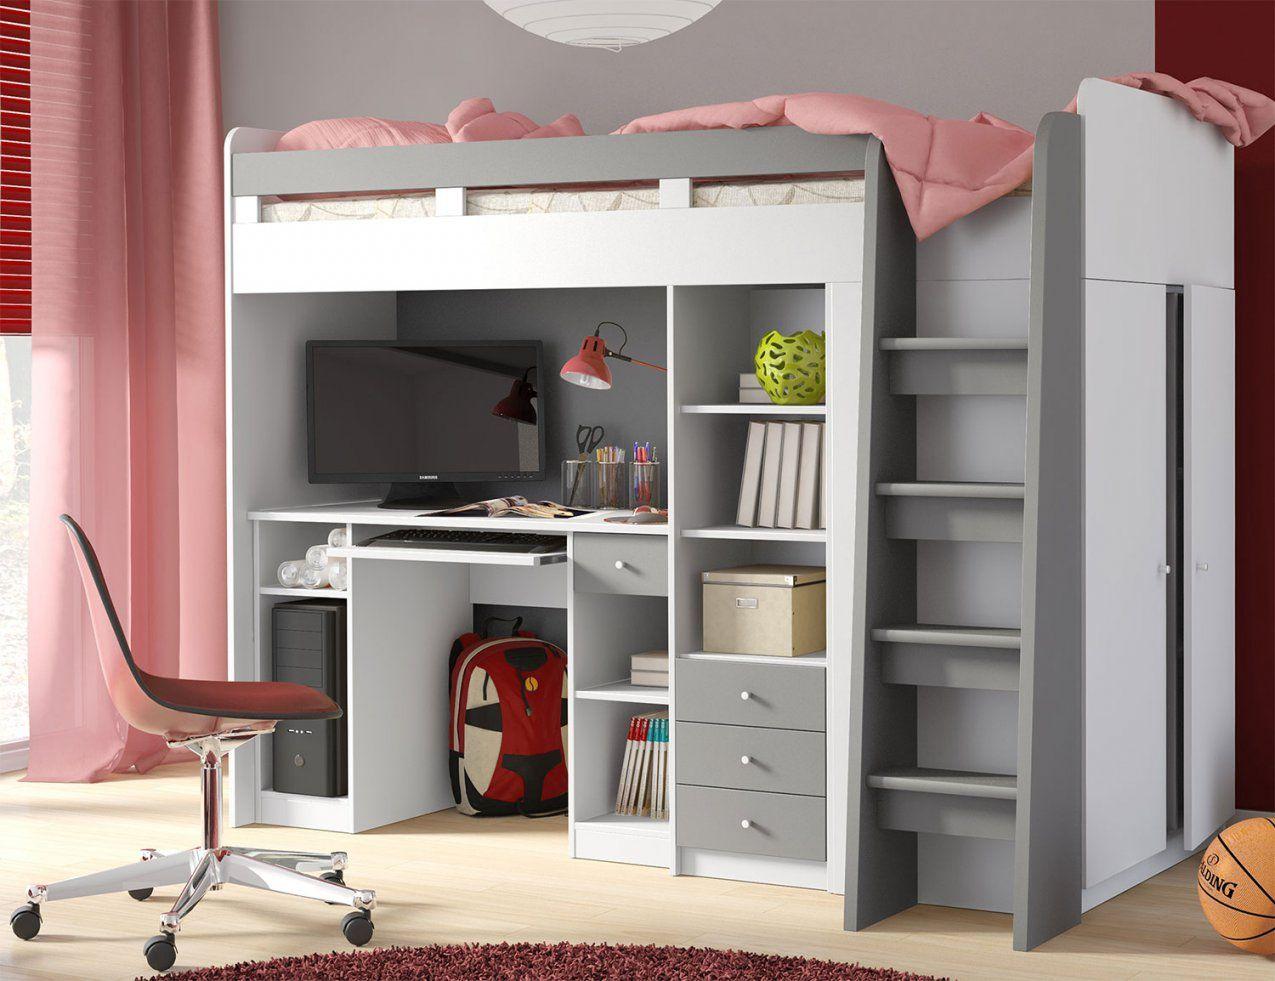 Hochbett Etagenbett Bett Kleiderschrank Schreibtisch 90X200Cm Weiß von Bett Mit Schreibtisch Und Schrank Photo